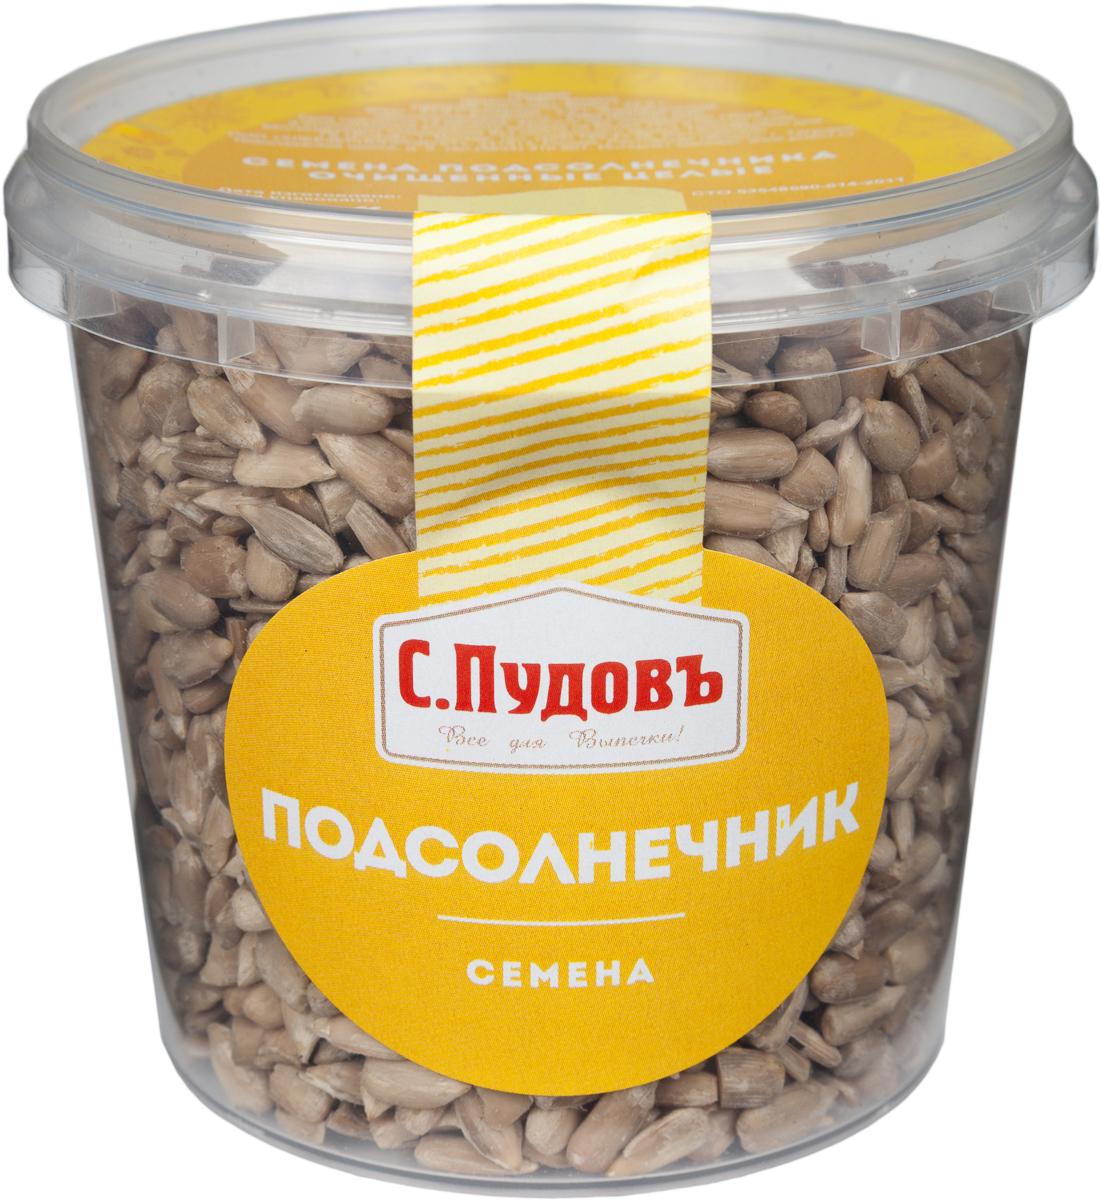 Пудовъ семена подсолнечника очищенные целые, 170 г